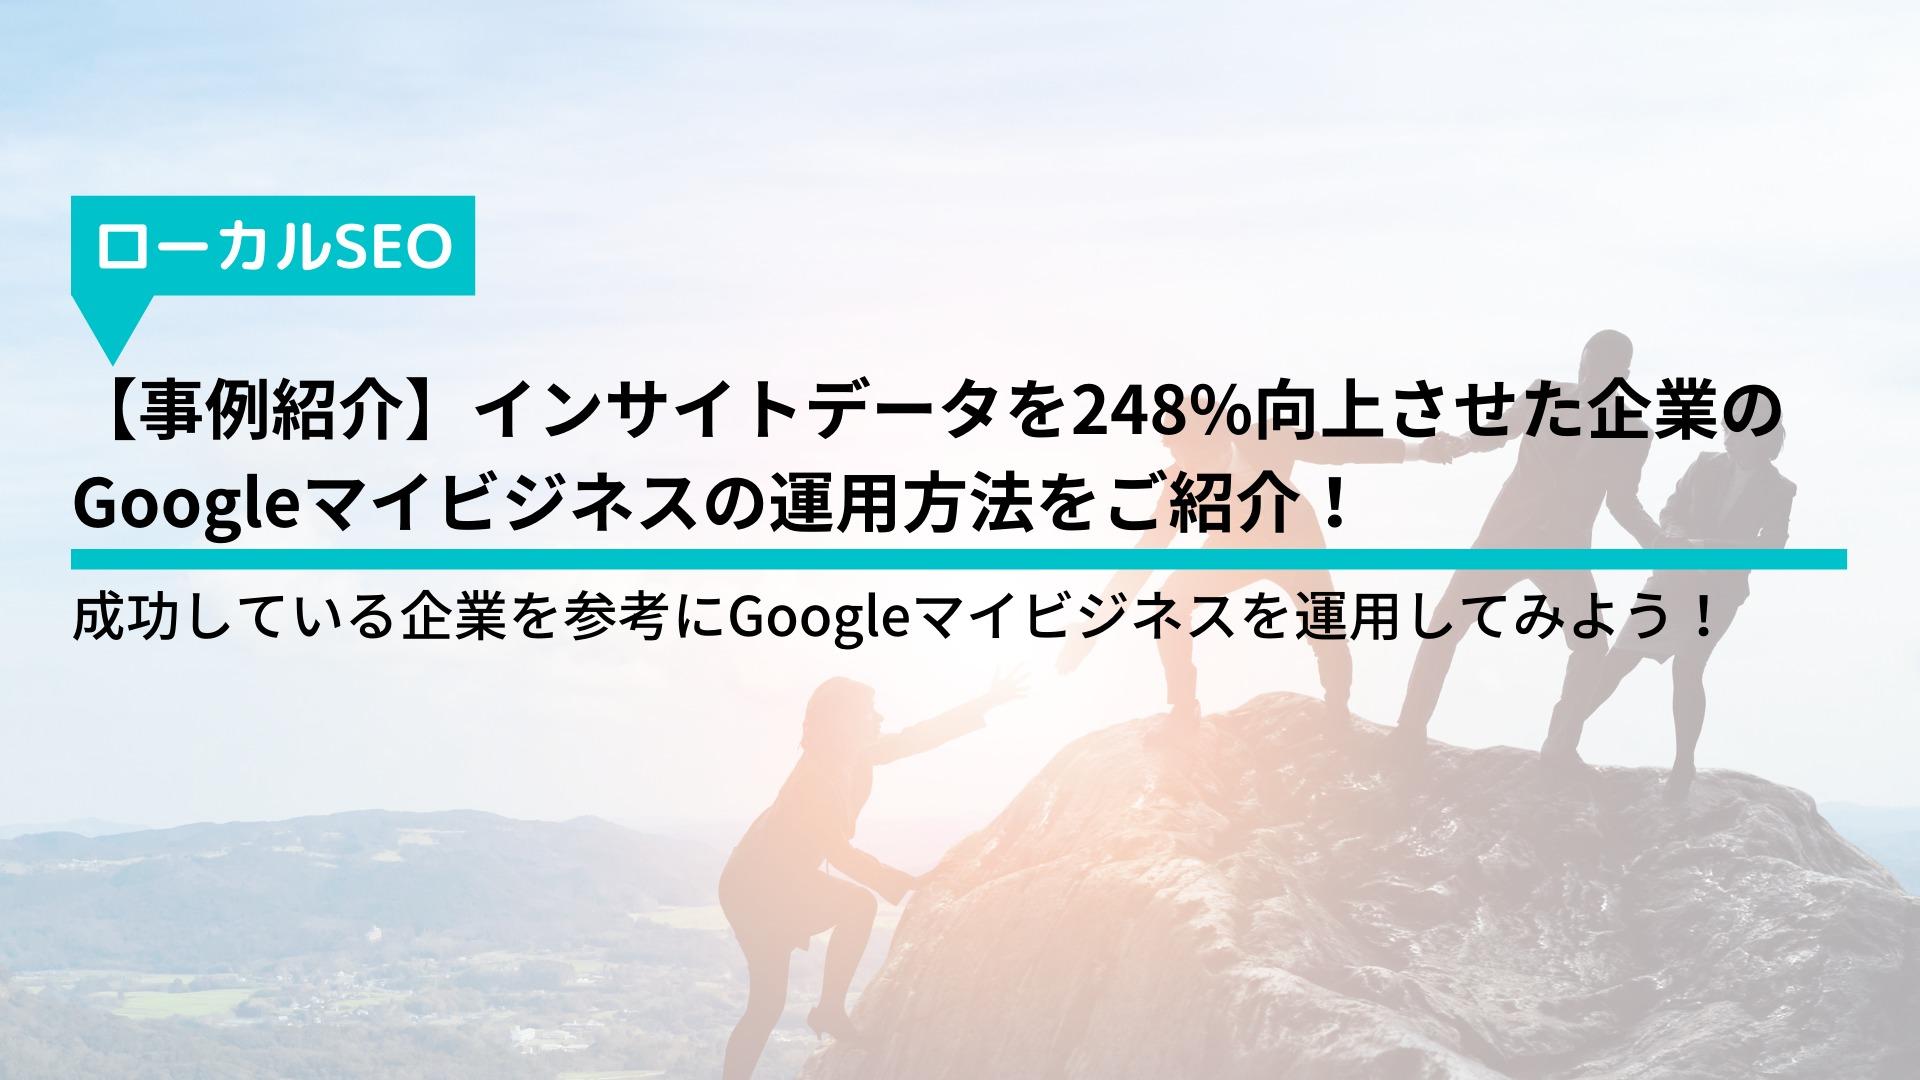 【事例紹介】インサイトデータを248%向上させた企業のGoogleマイビジネスの運用方法をご紹介!